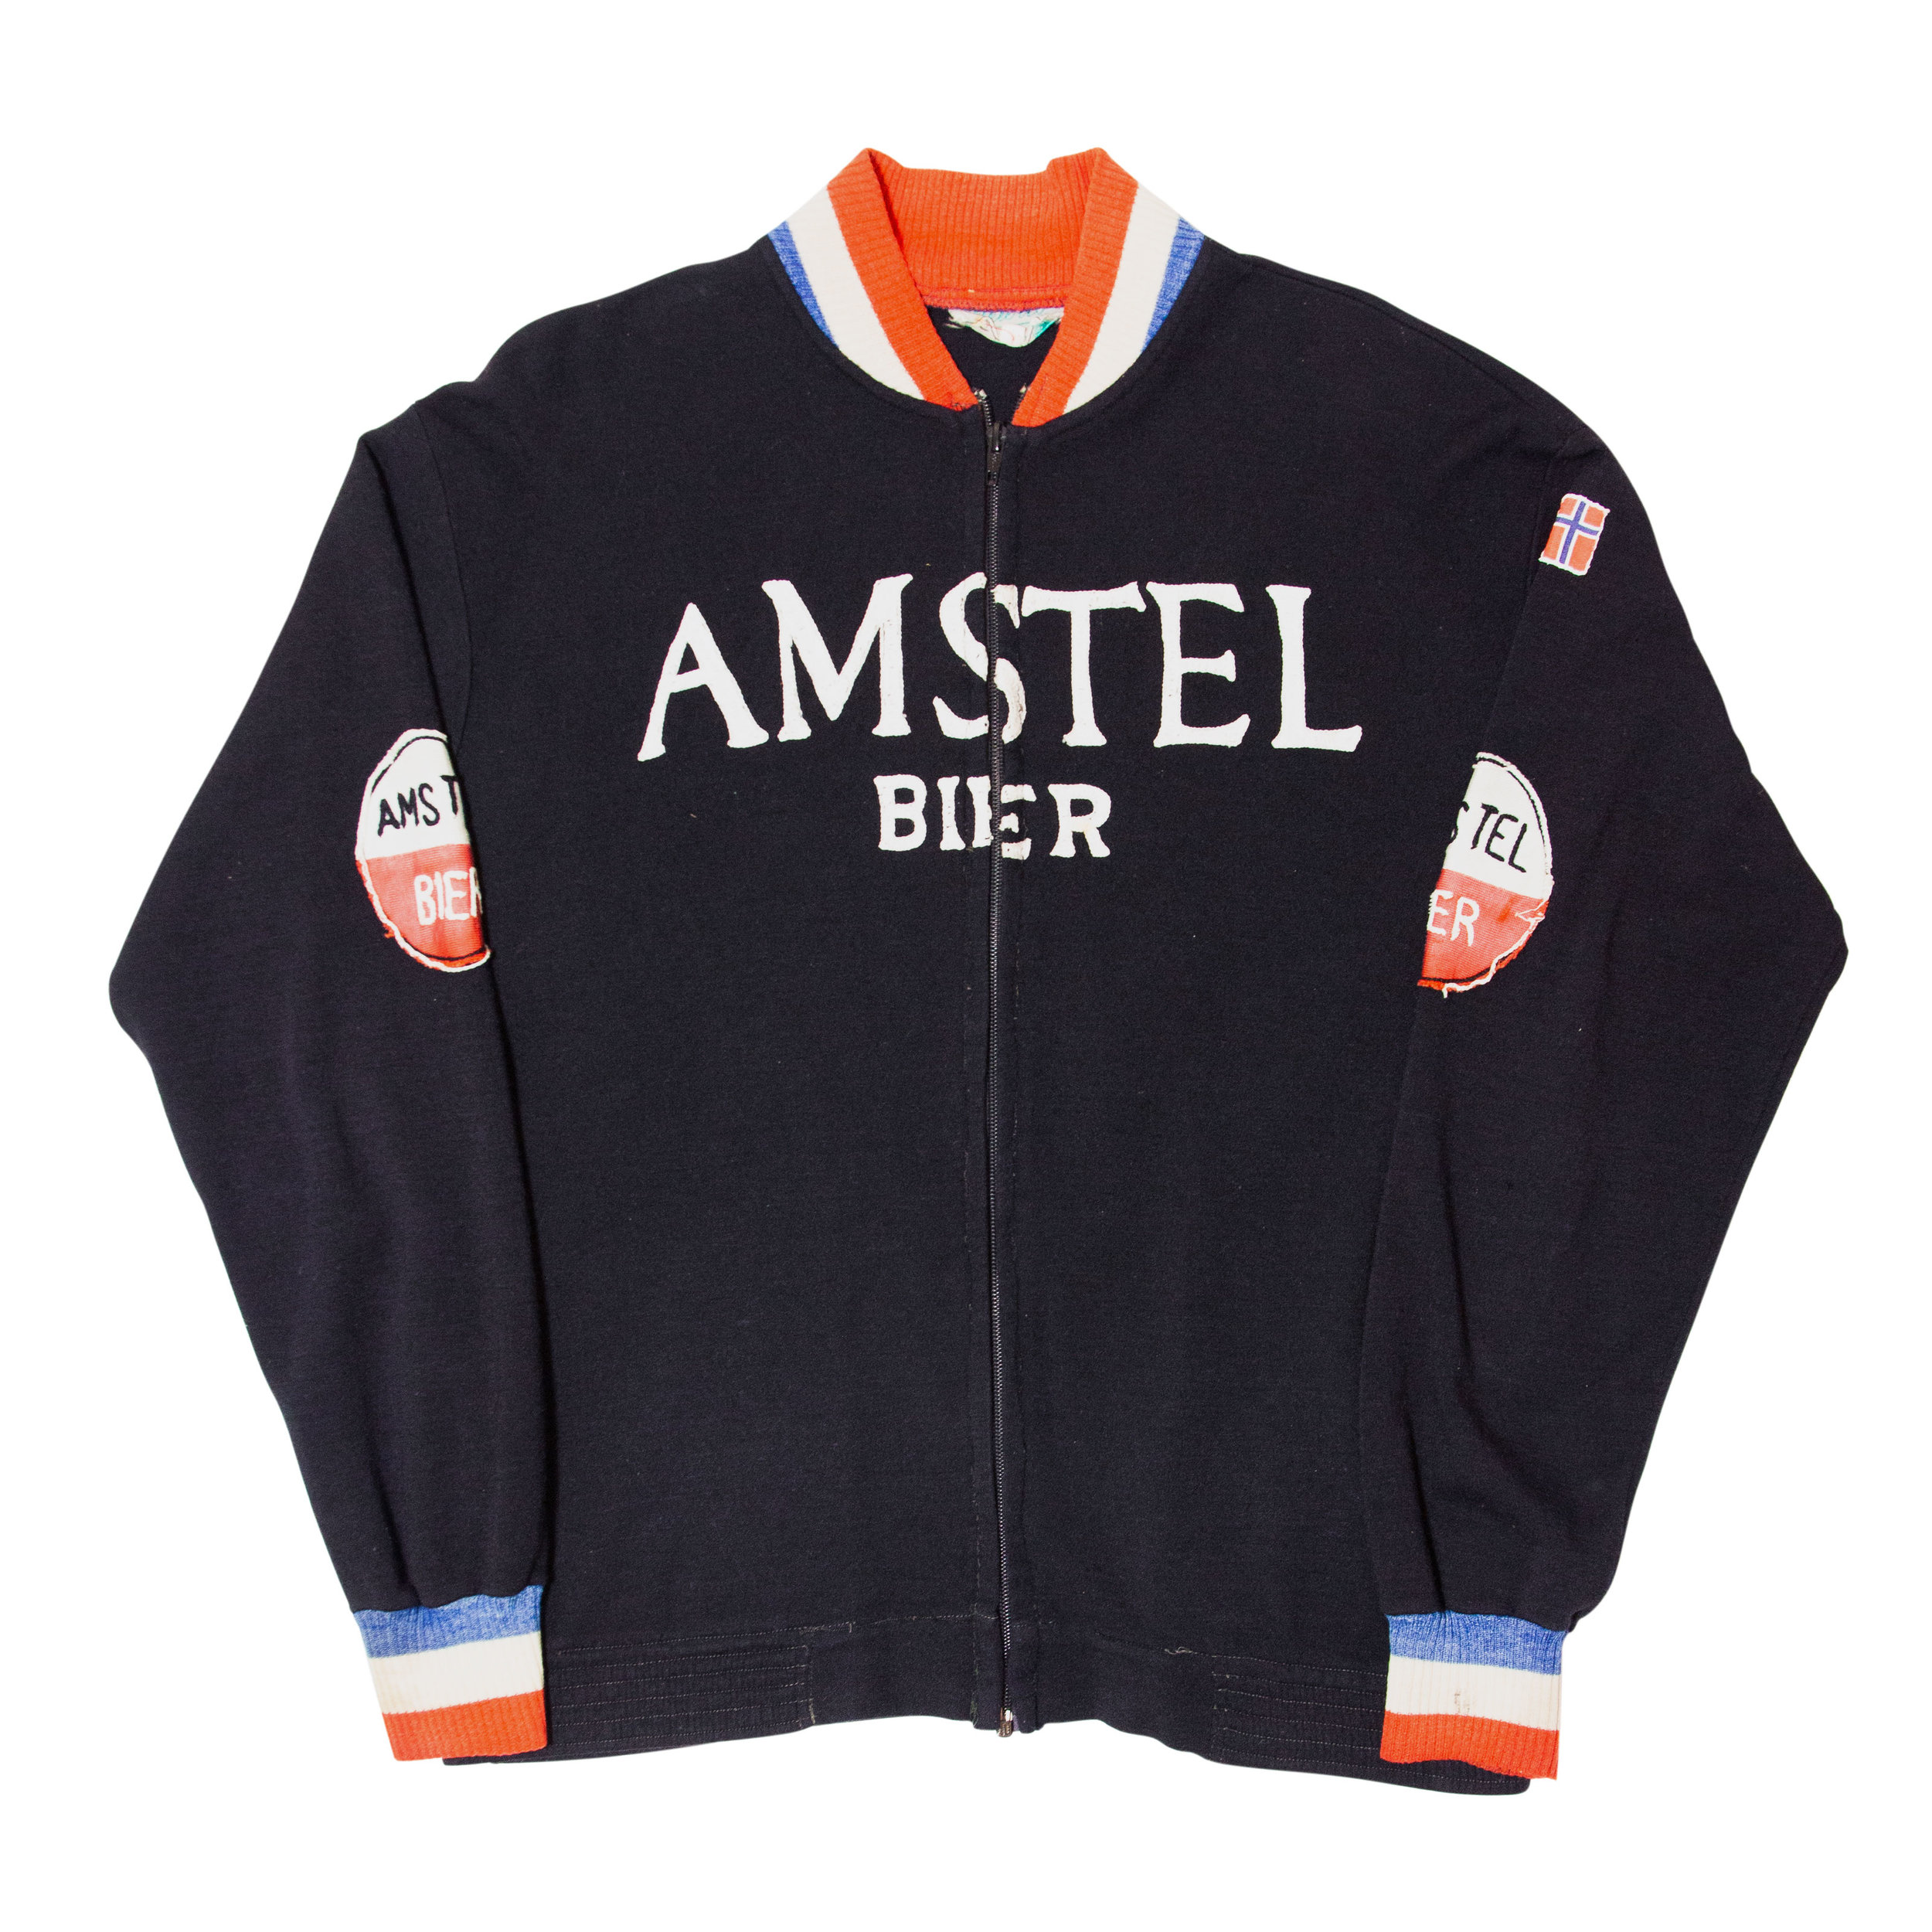 Amstel-Bier-1964.jpg